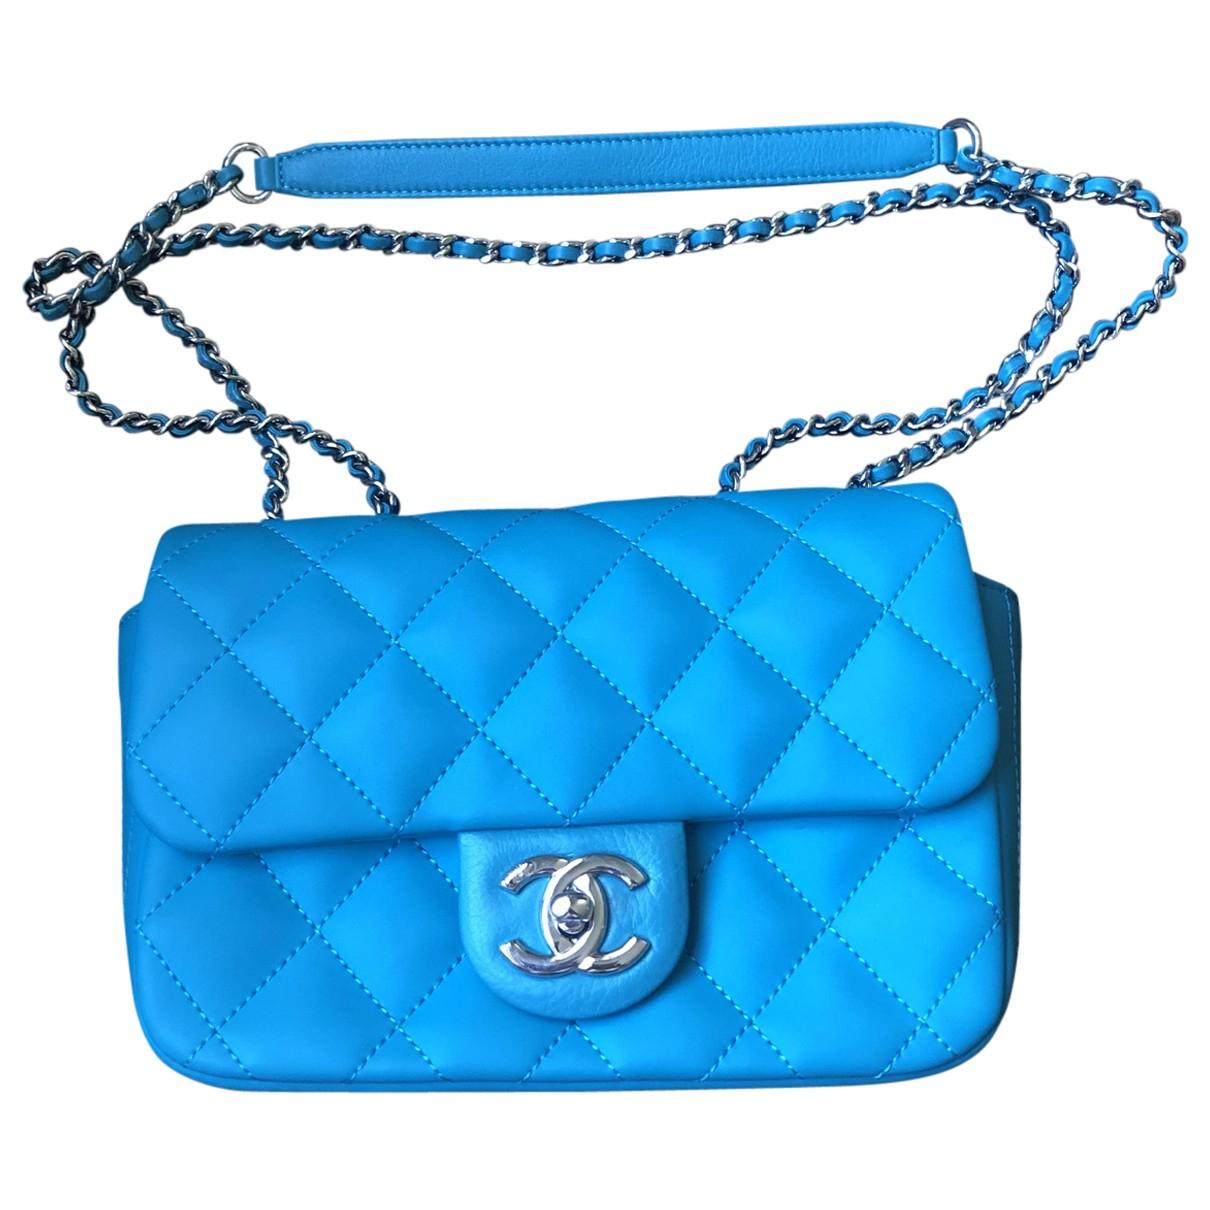 Chanel - Sac a main Timeless/Classique pour femme - bleu